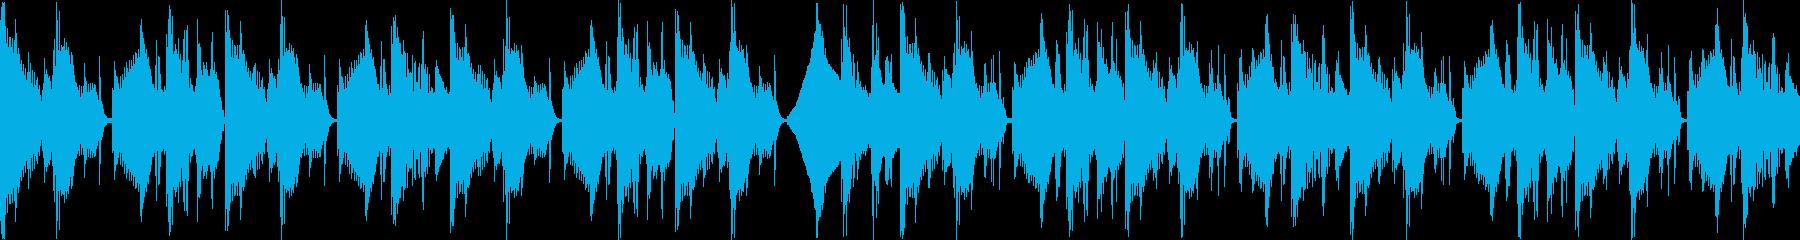 【メロなし・ループAメロ】不穏/なEDMの再生済みの波形